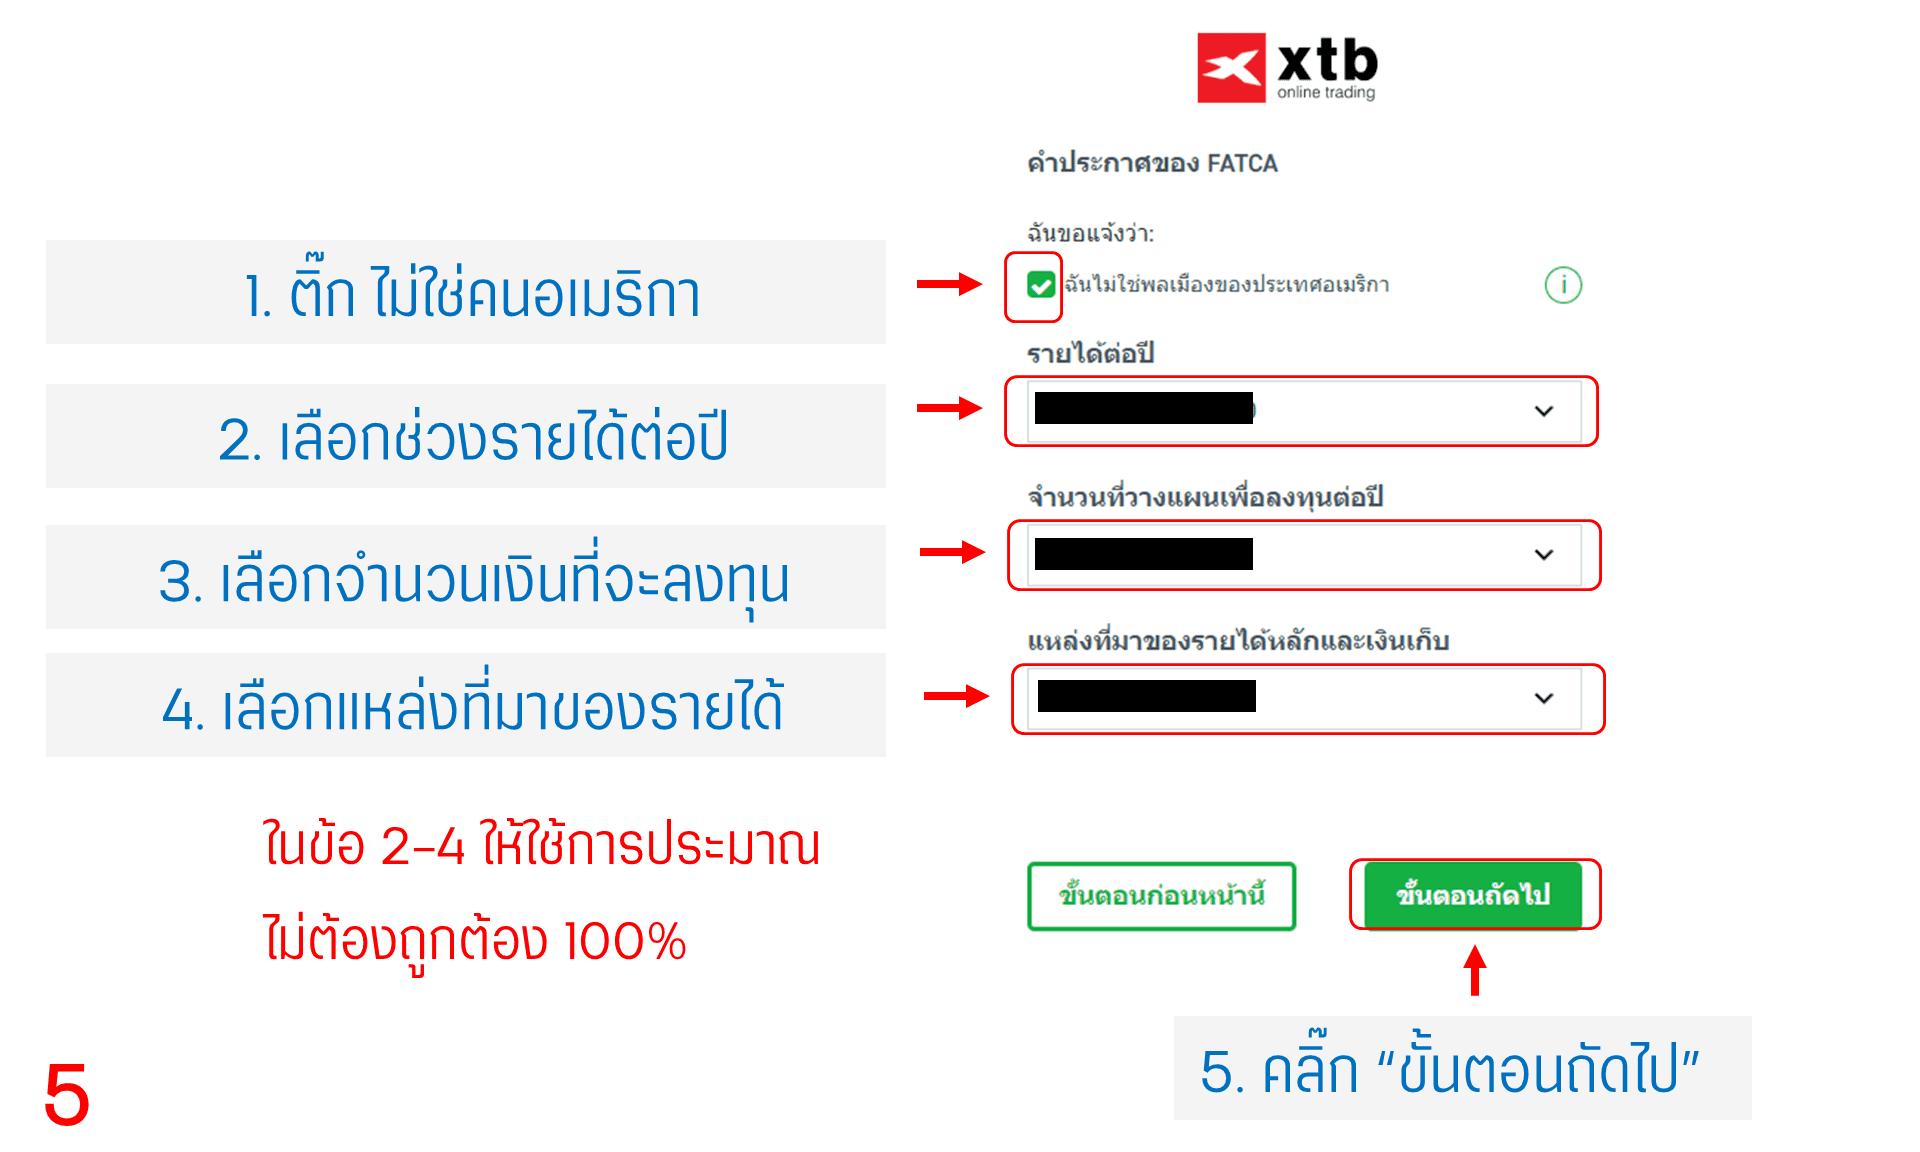 เปิดบัญชี XTB 6